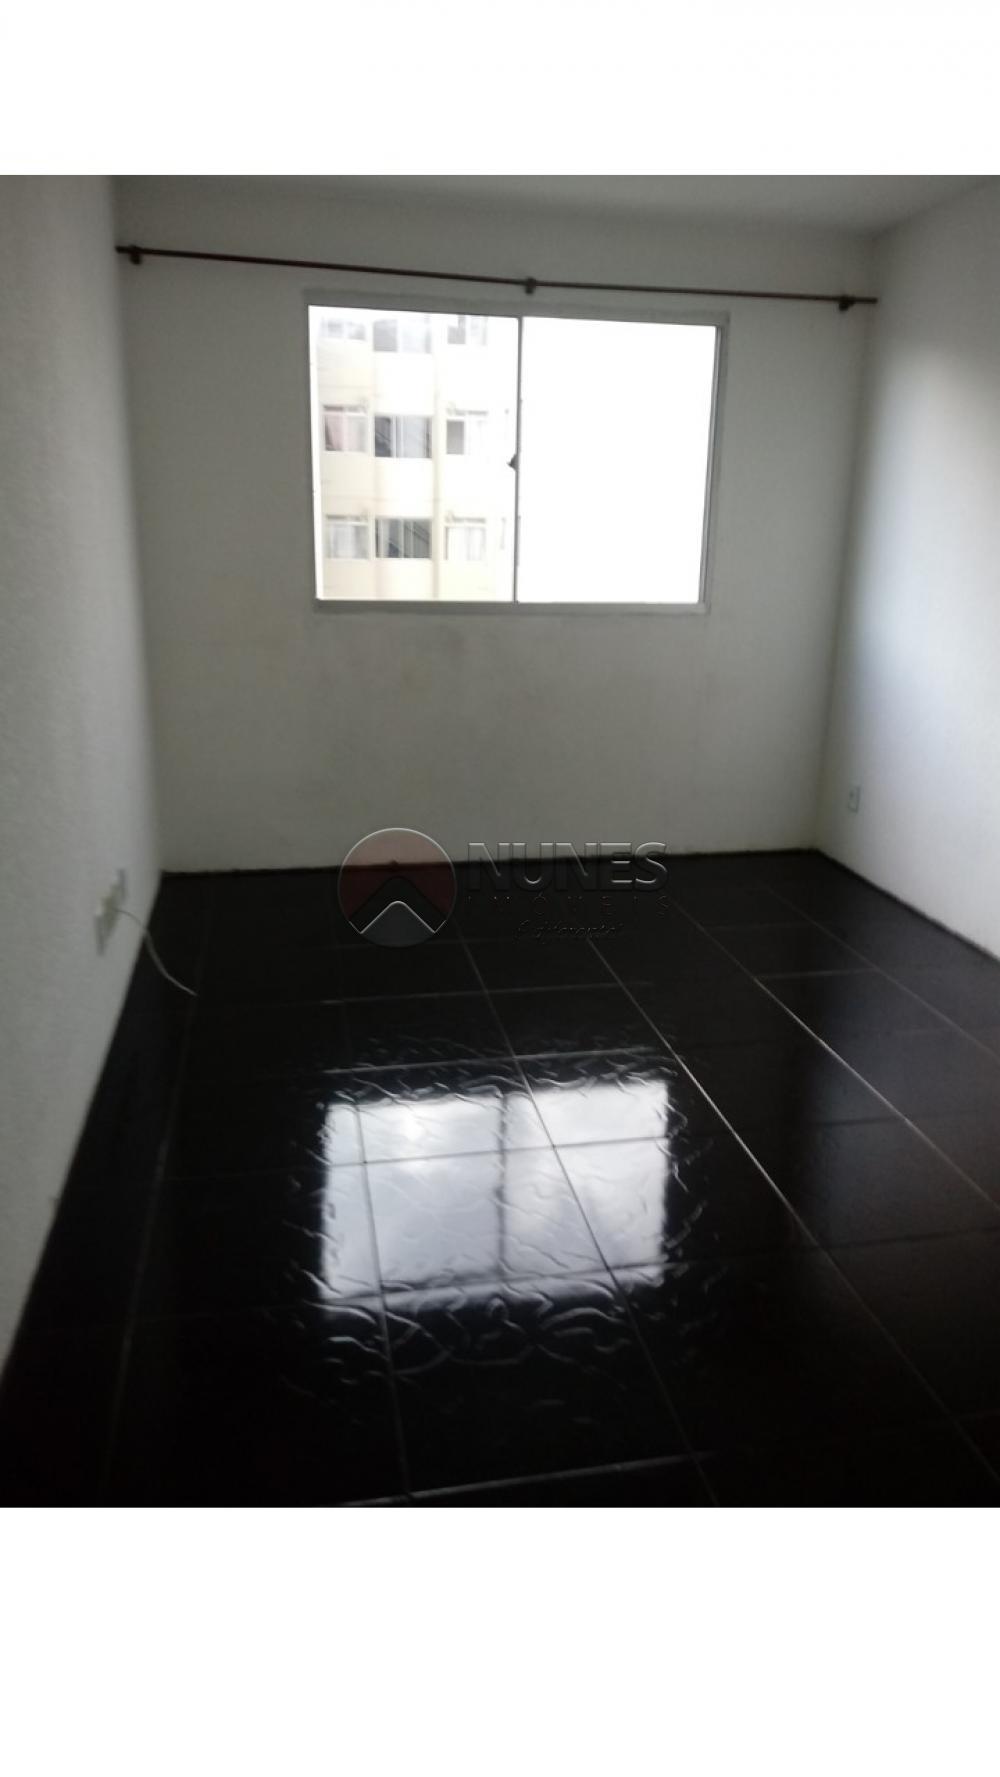 Comprar Apartamento / Padrão em Osasco apenas R$ 145.000,00 - Foto 4